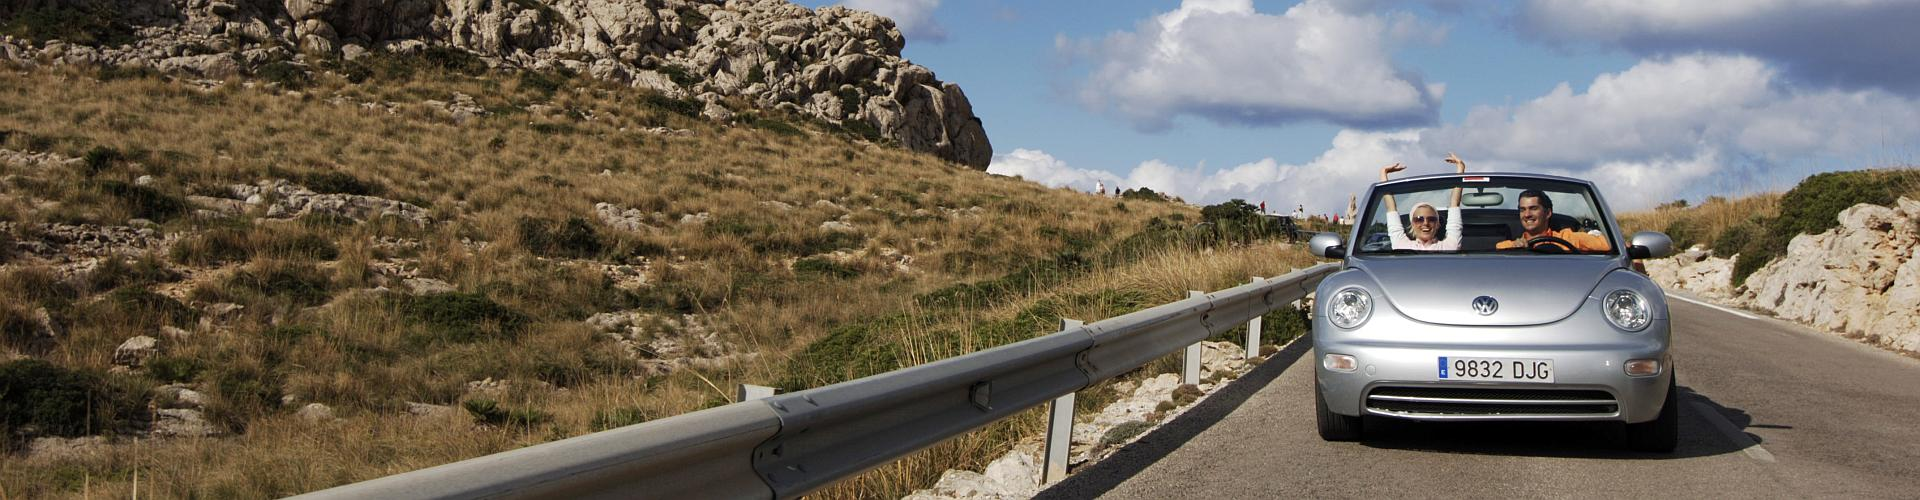 sunnycars Mietwagen in Spanien